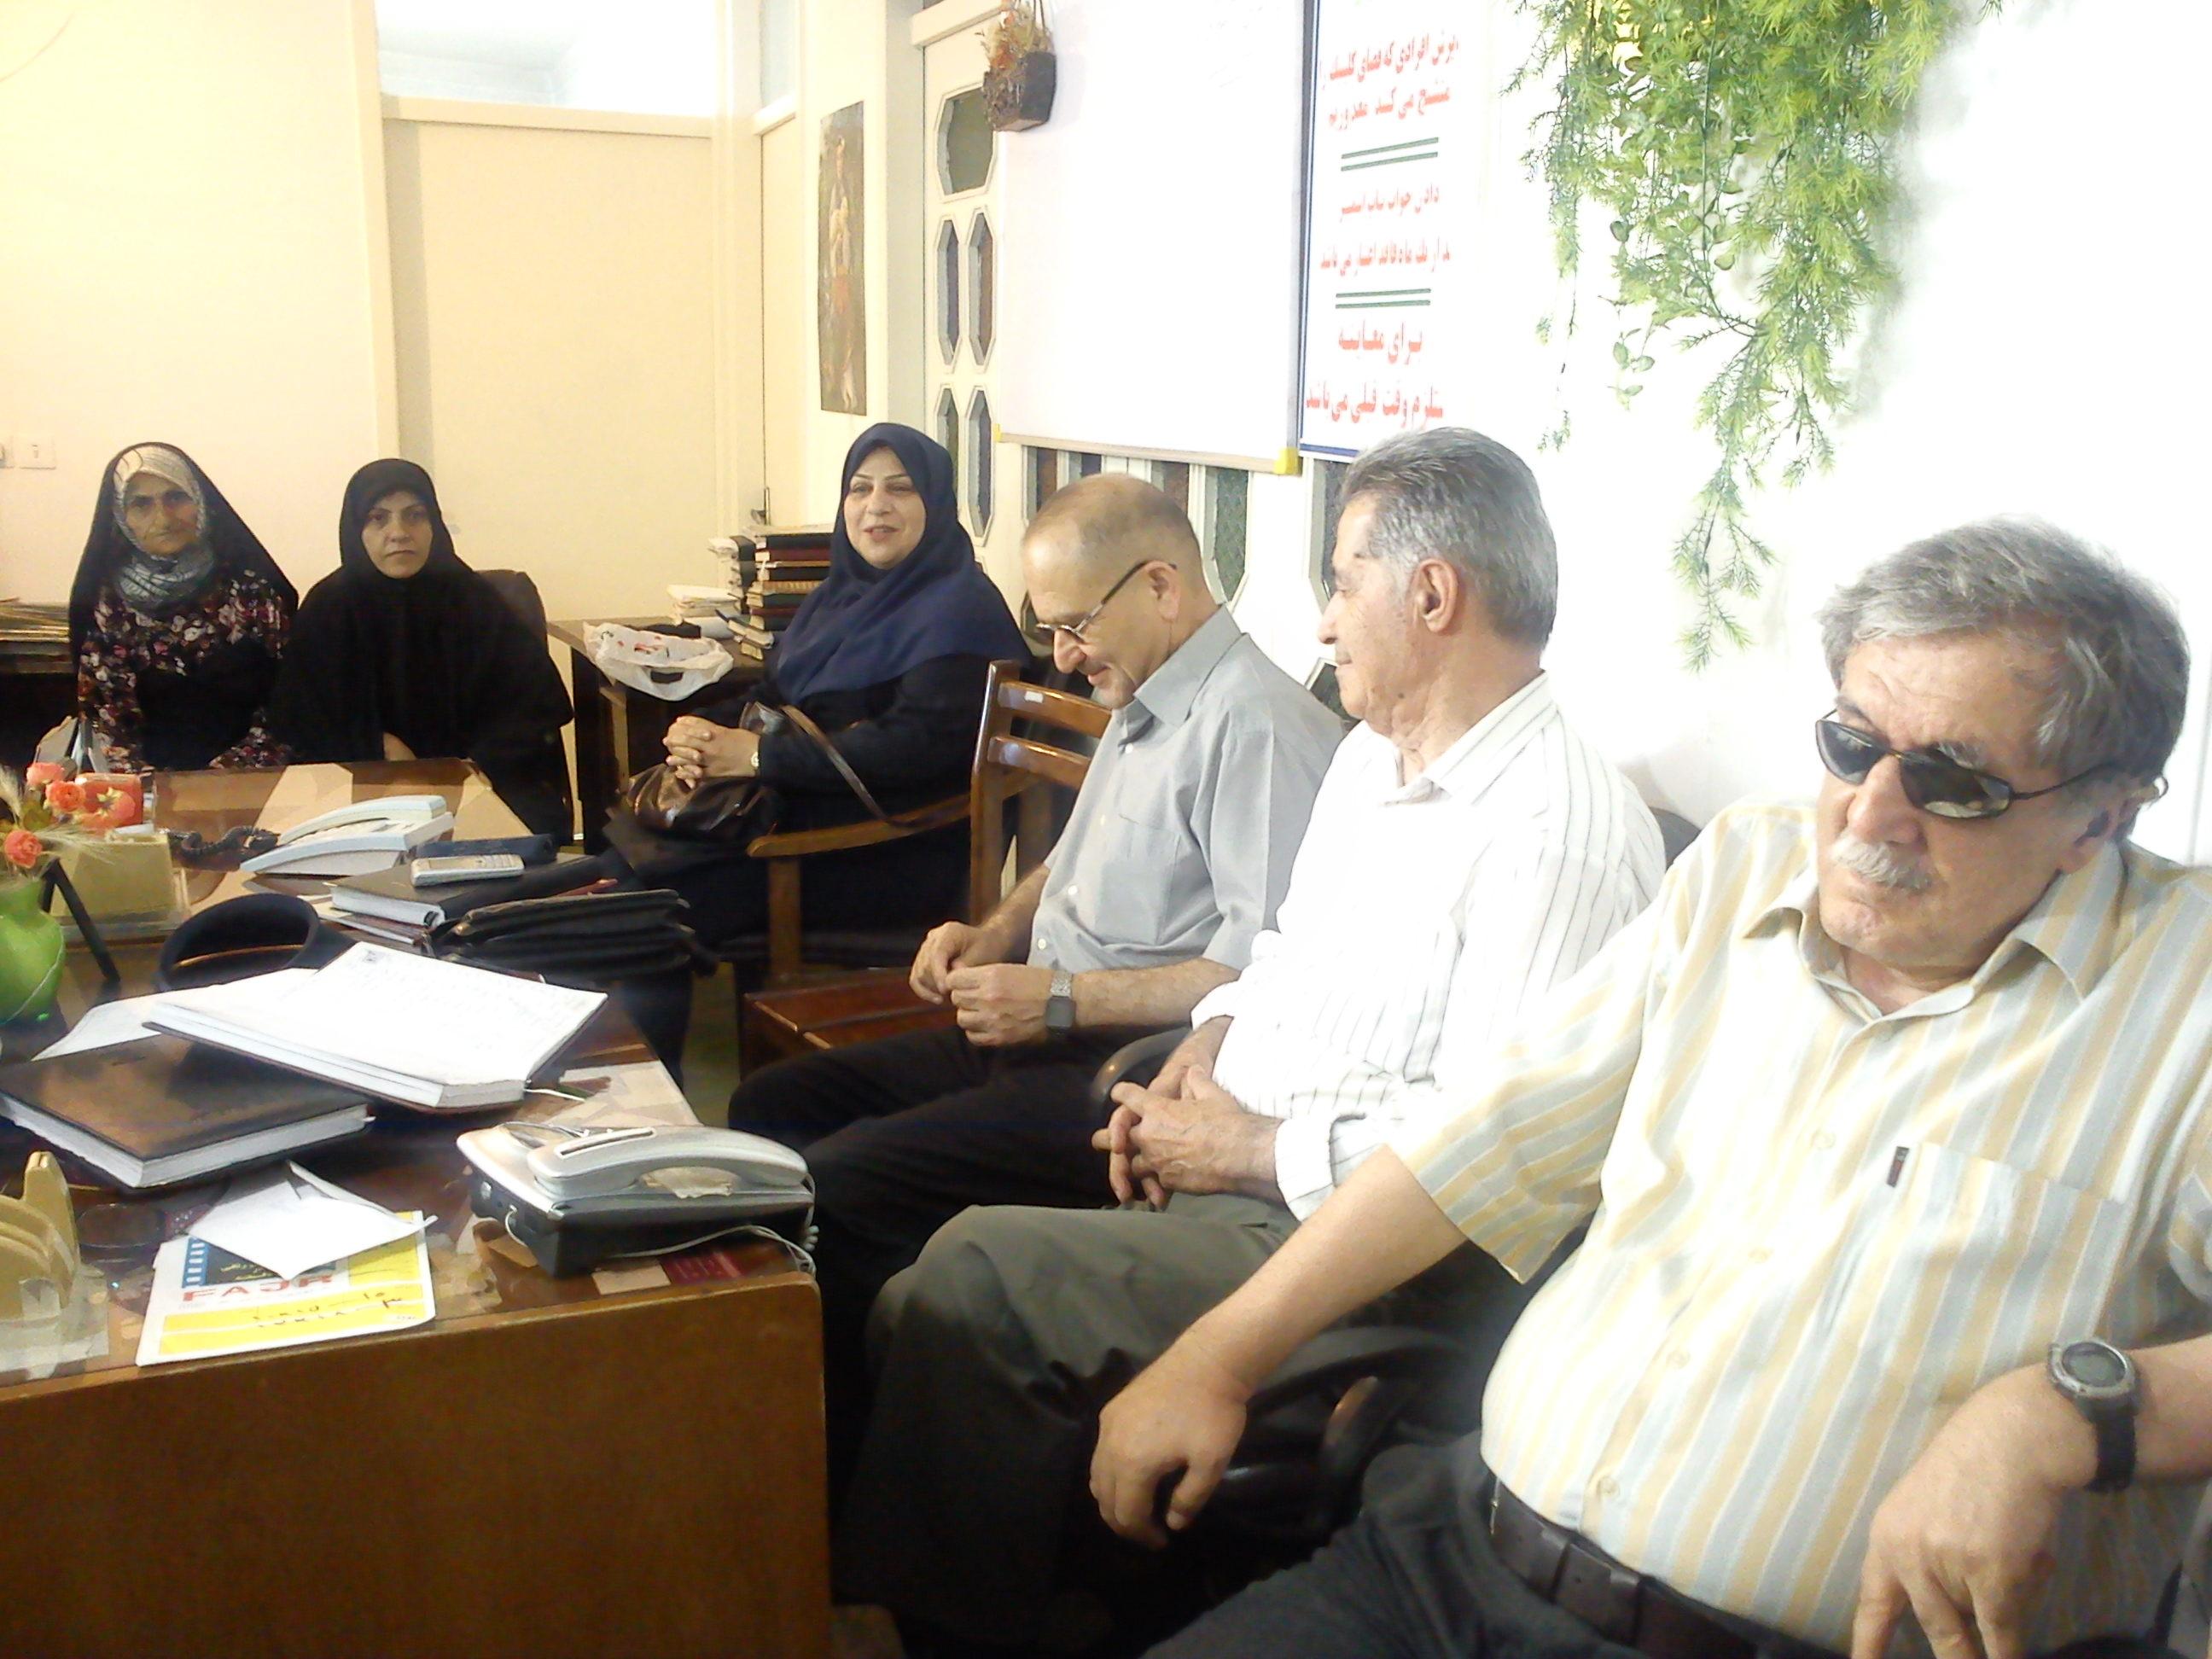 جلسه خیرین در کلینیک تشخیصی سرطان بابل  گروه درمانی راز شاد زیستن